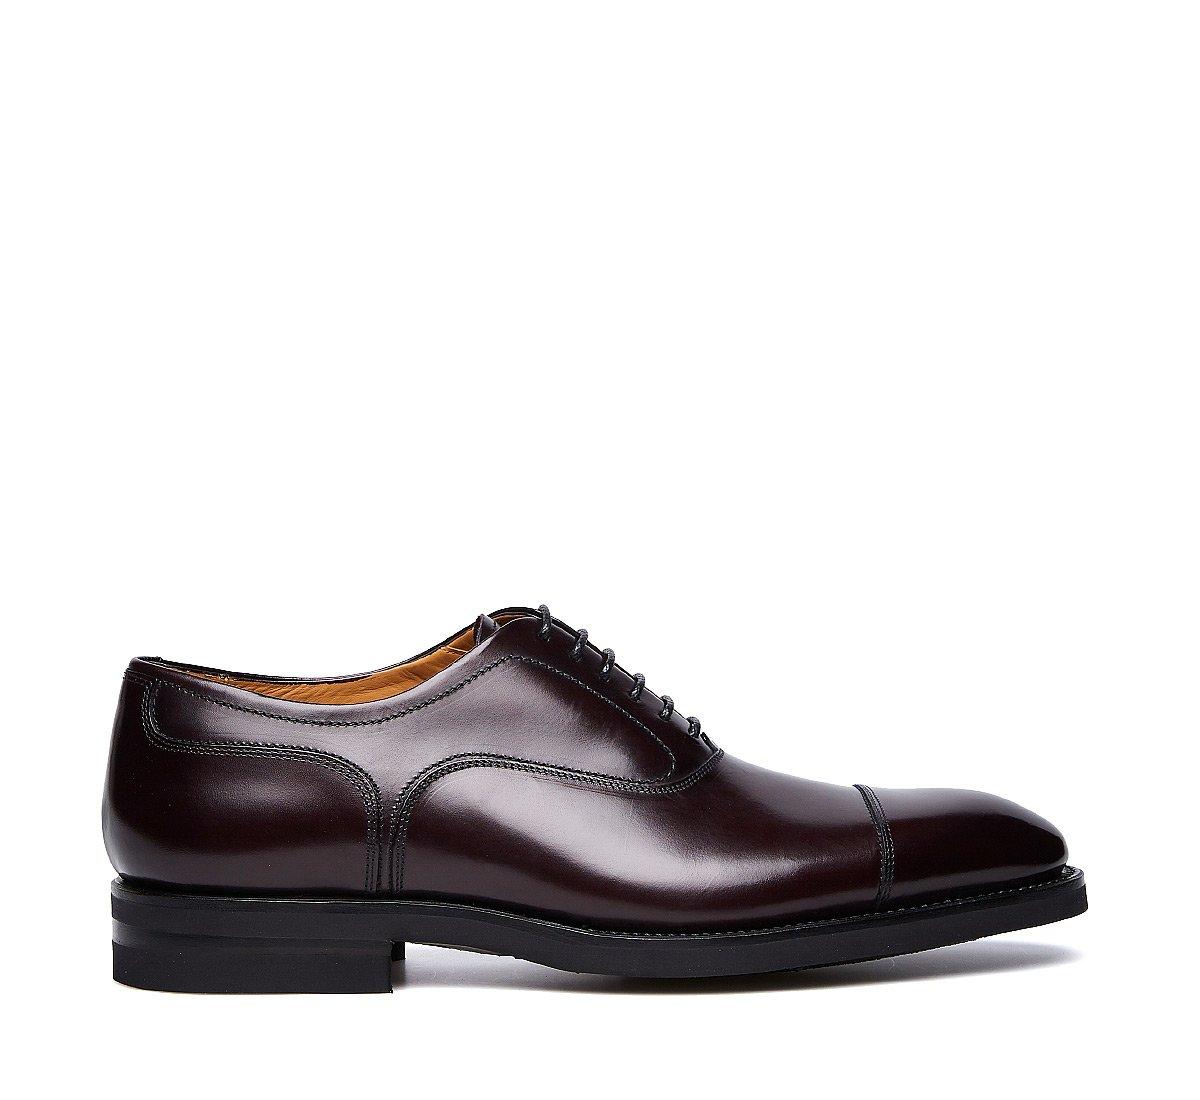 Туфли с пятью отверстиями для шнуровки конструкции Flex Goodyear